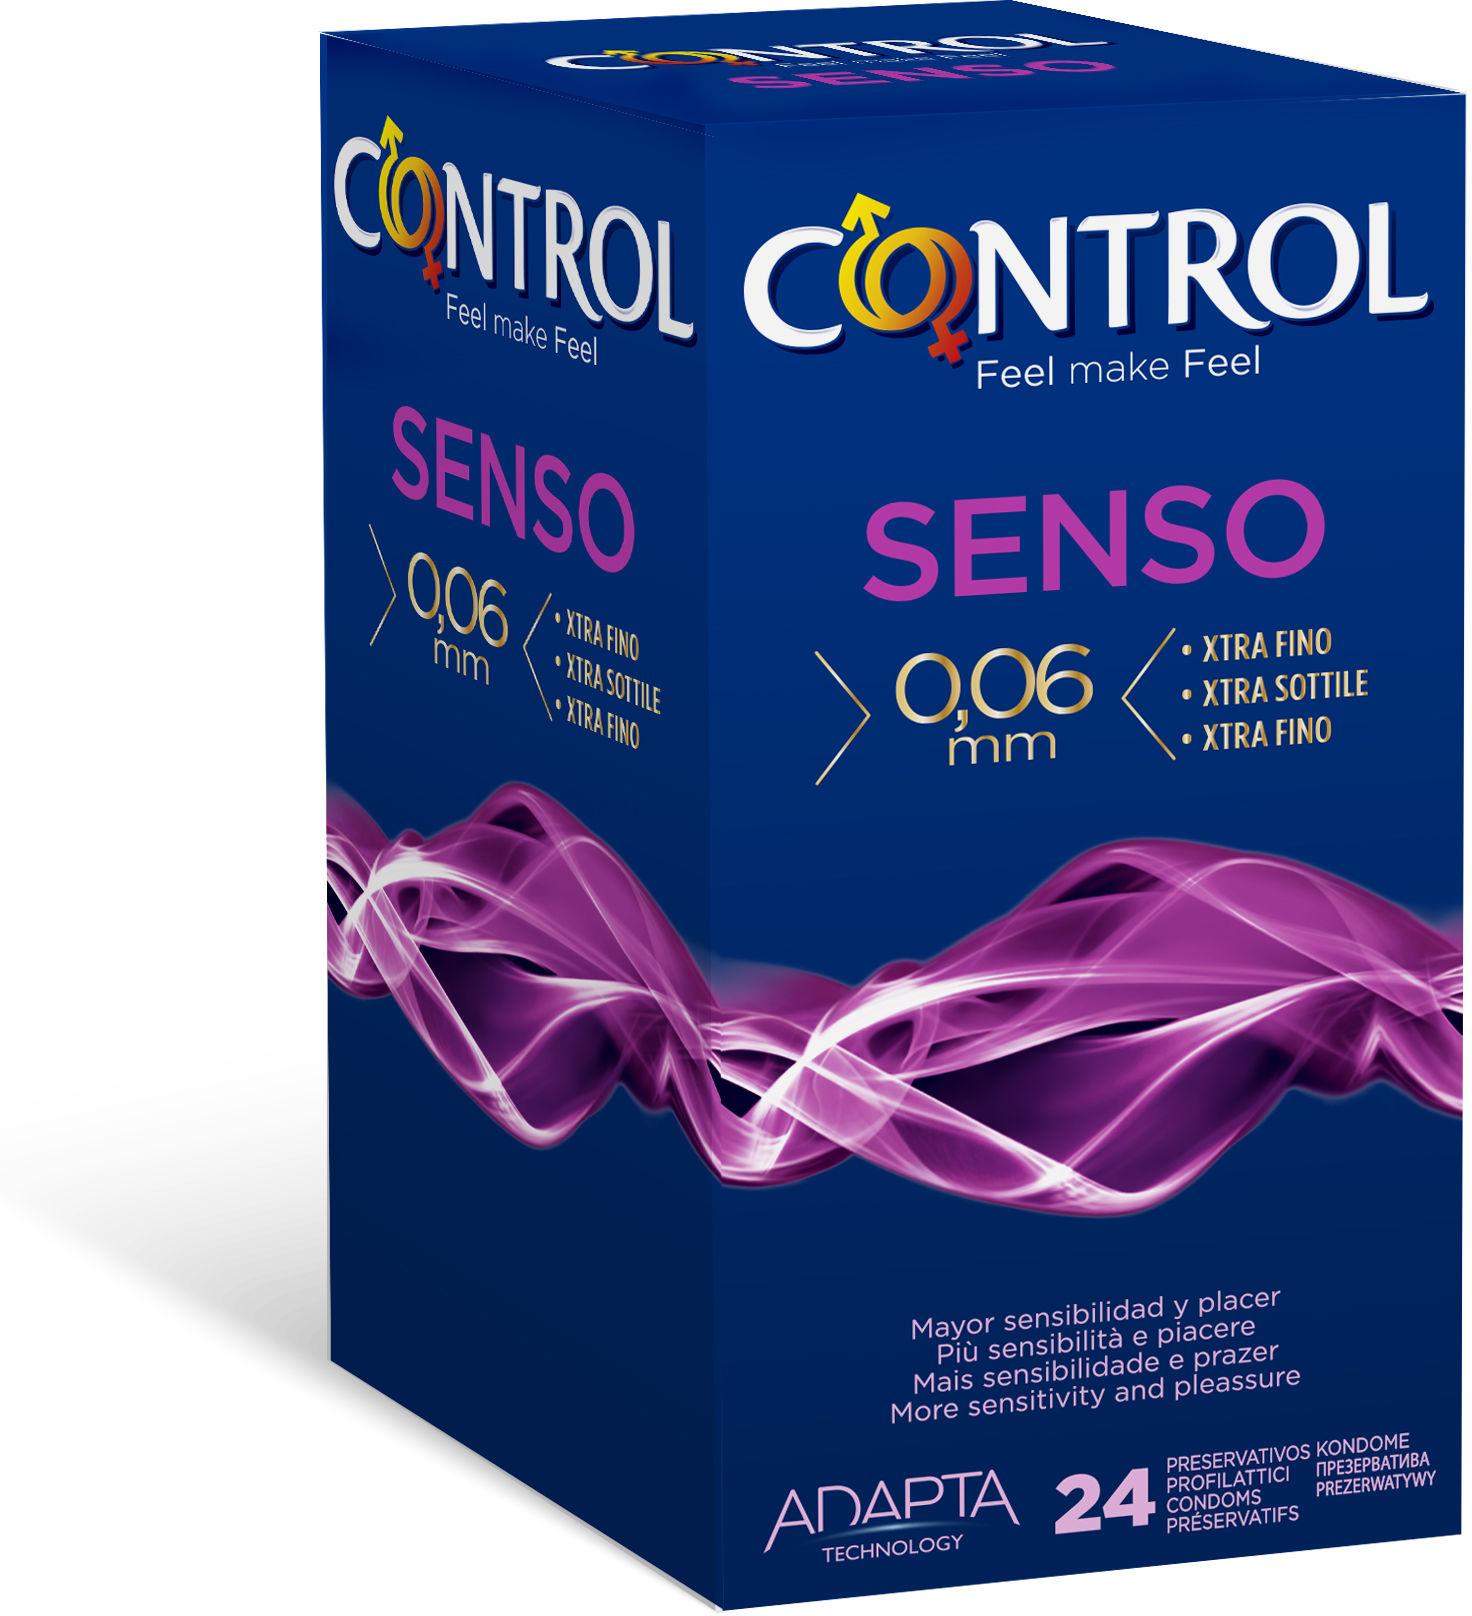 Control Senso Cienkie prezerwatywy w opakowaniu 24 szt.